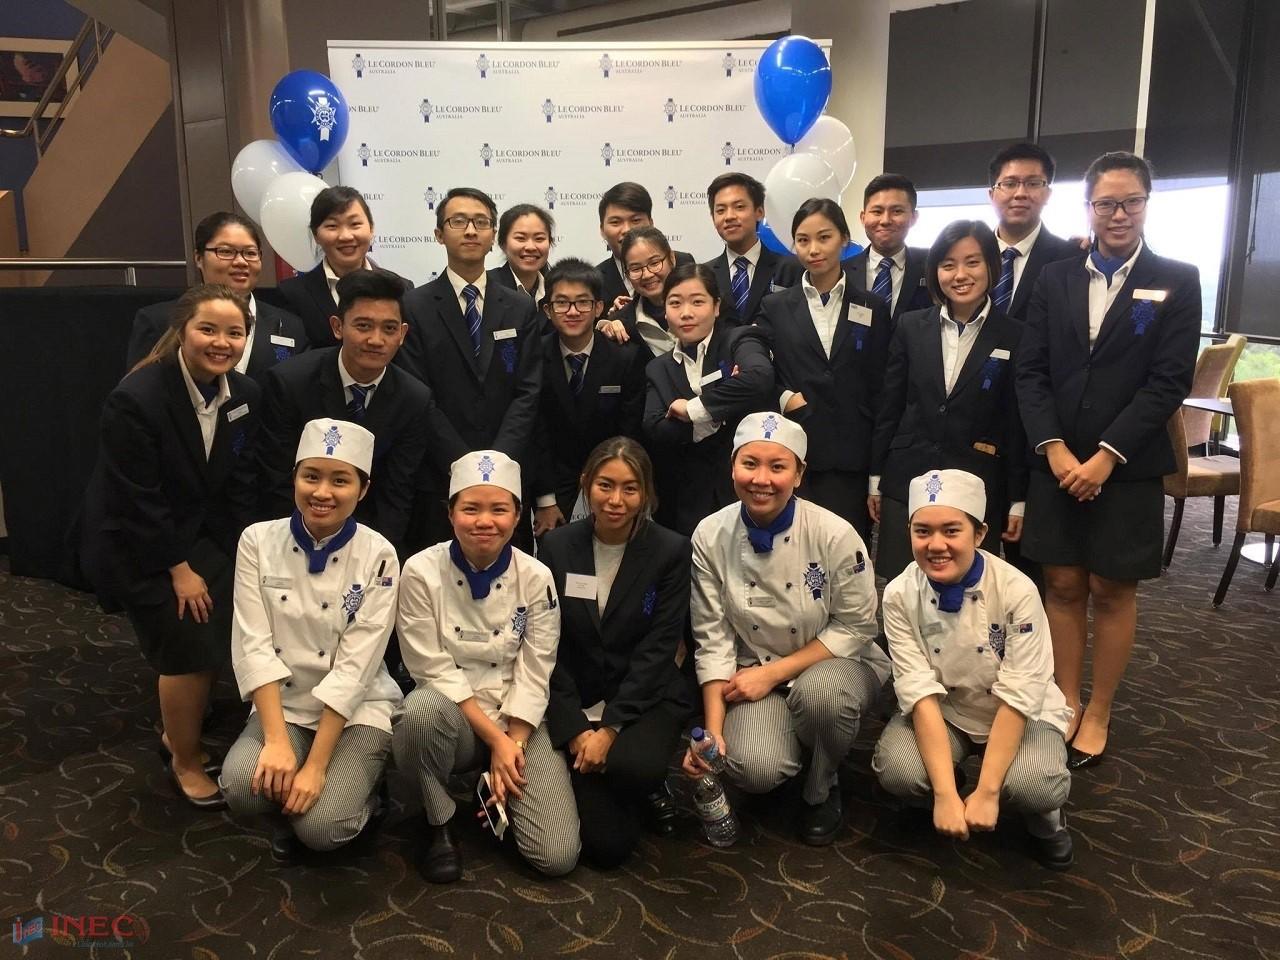 Sinh viên INEC du học Úc ngành nhà hàng khách sạn tại Le Cordon Bleu Sydney